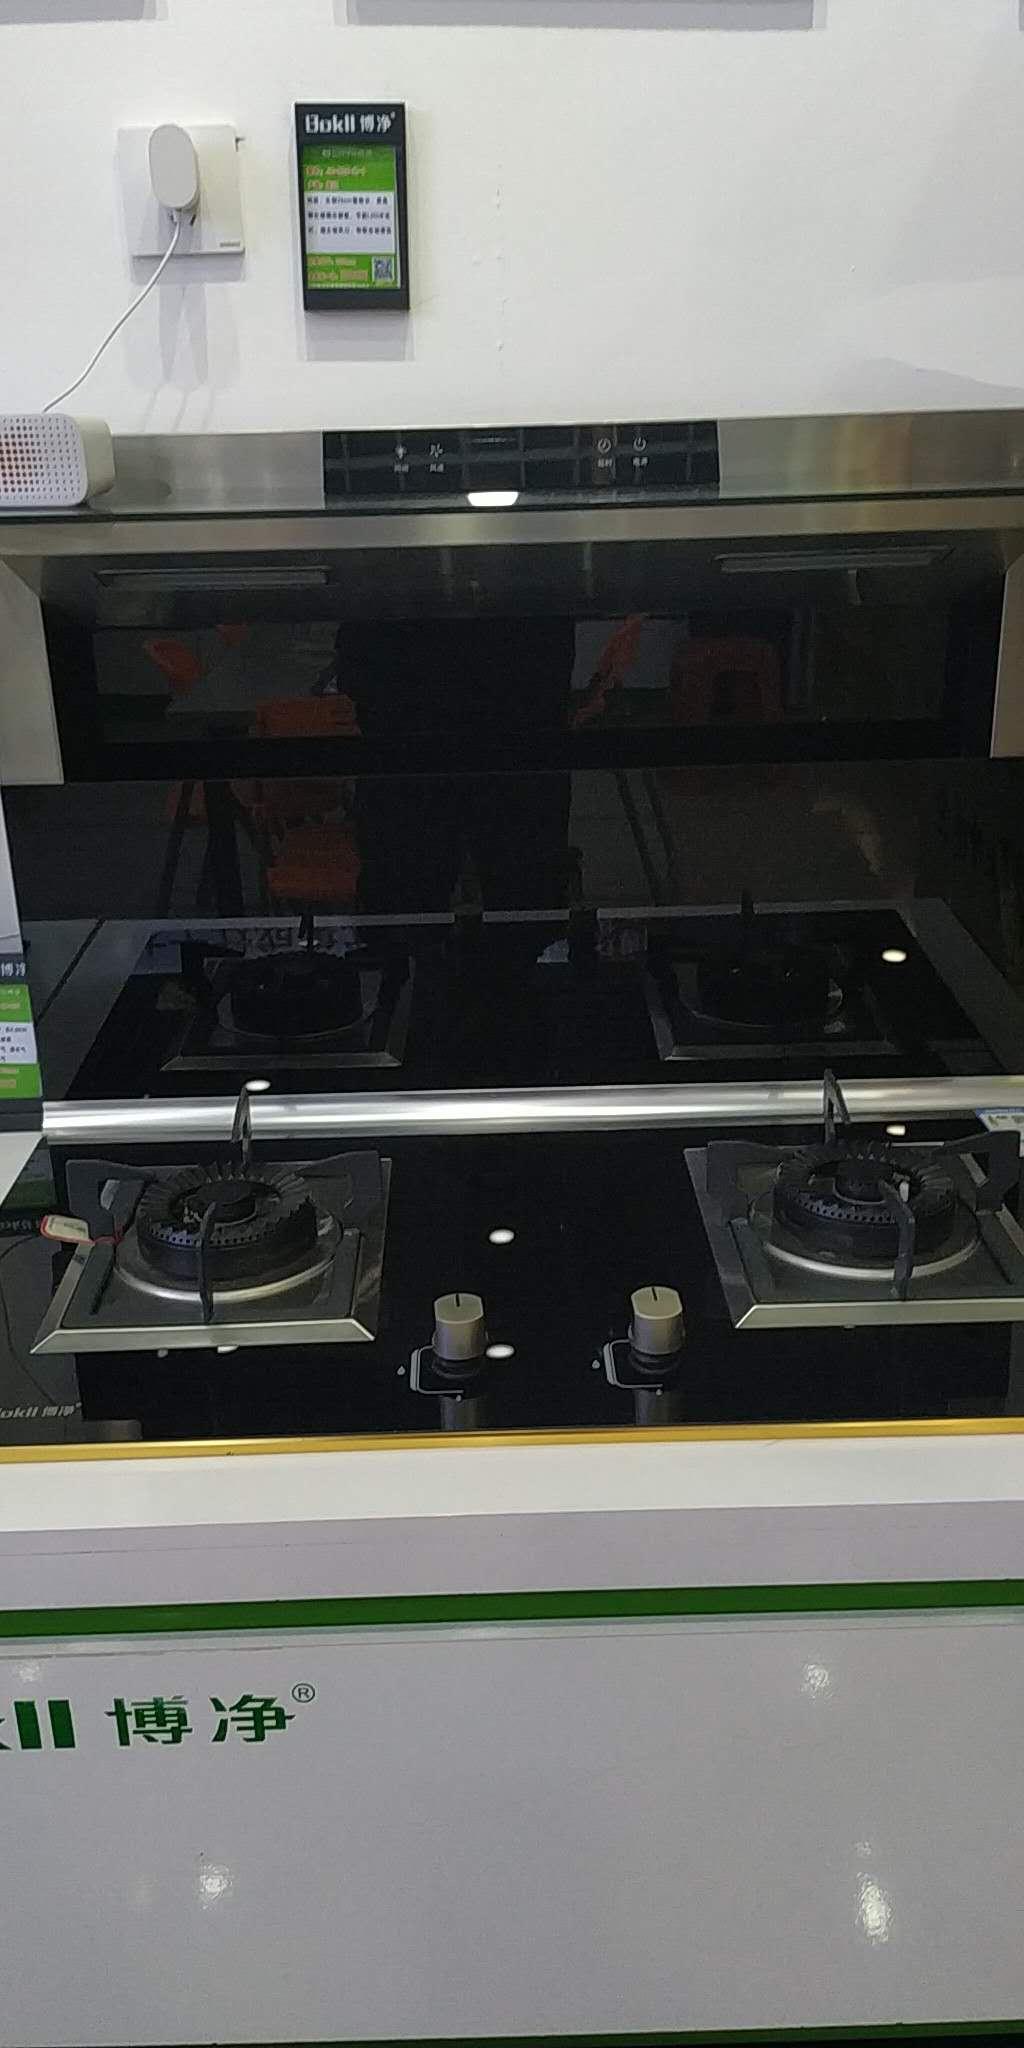 博净(bokii)Z-3分体式单灶集成灶下排式油烟机烟灶套装可选电磁炉烟灶套装天然气